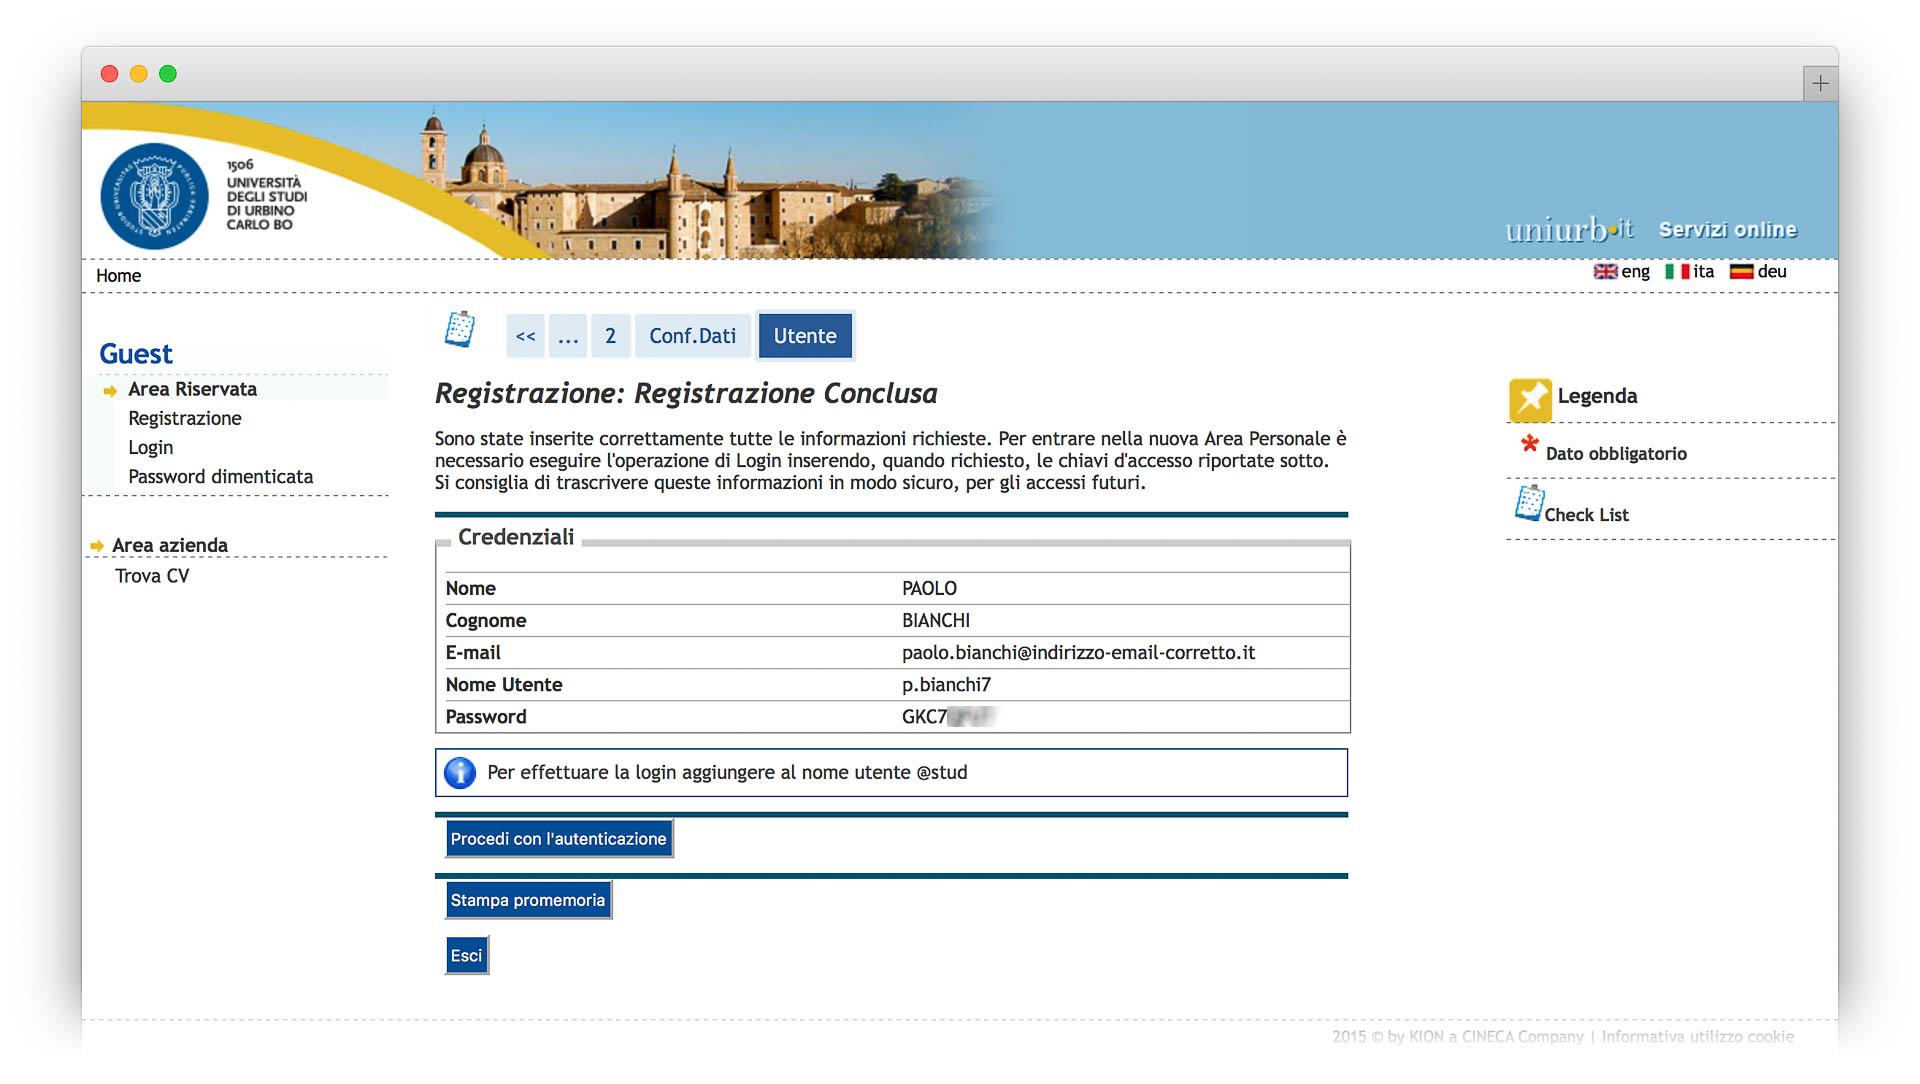 Registrazione conclusa